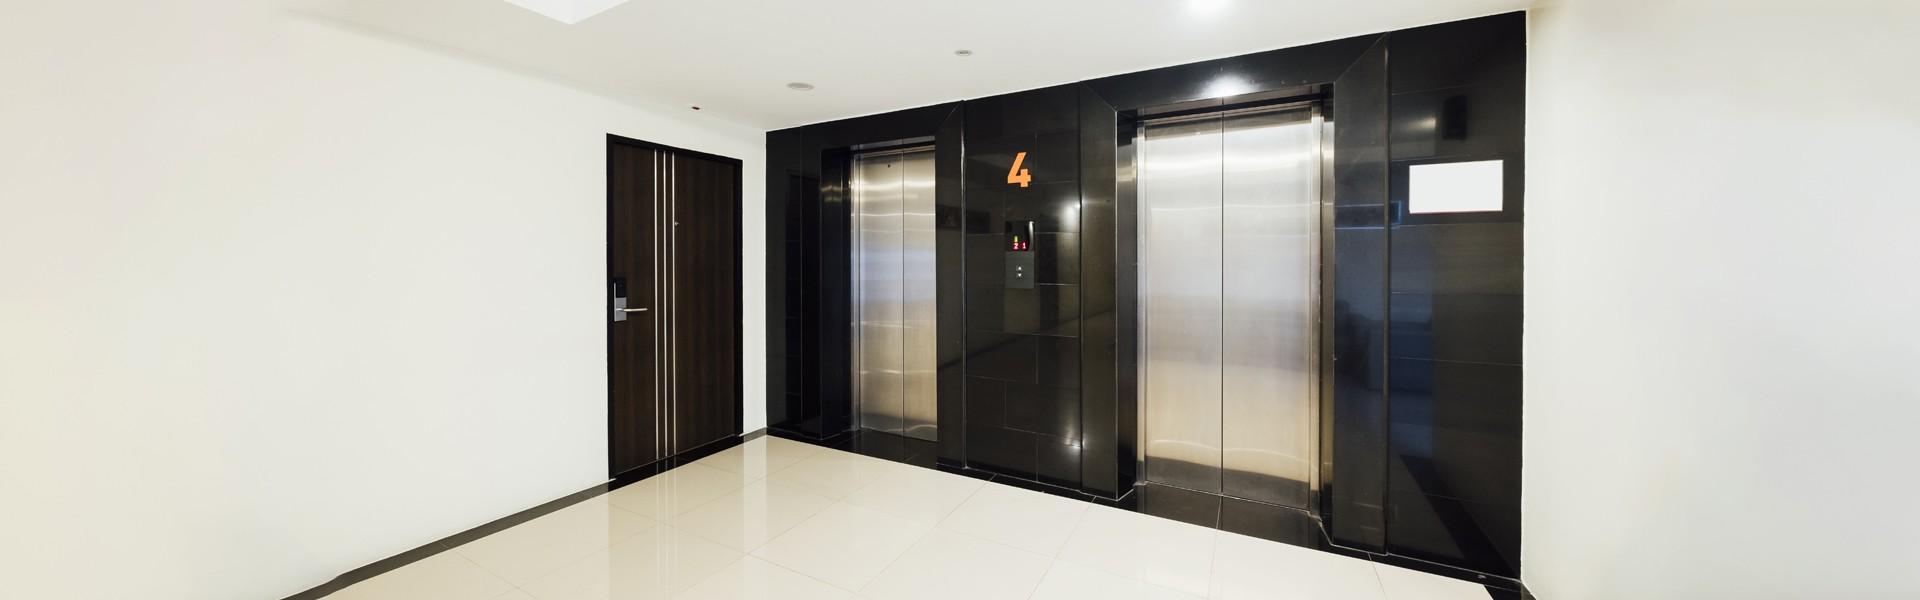 Ankara, Ankara Asansör, ankara asansör bakım firmaları, ankara asansör firması, Ankara Asansörcü, ankara en iyi asansör, Asansör, asansör firması, Asansör Montajı, asansör nasıl çalışır, asansör nedir, asansör tamircileri, en iyi asansör ankara, en iyi asansör türkiye, İnsan Asansörü, İnsan Asansörü firmaları, İnsan Asansörü firmaları ankara, İnsan Asansörü satış bakım Firmaları, İnsan Asansörü satış ve bakım firmaları, niğde asansör firmaları, Türkiye Asansör Firmaları, Türkiye En İyi Asansörler,Makine Dairesiz Asansörler